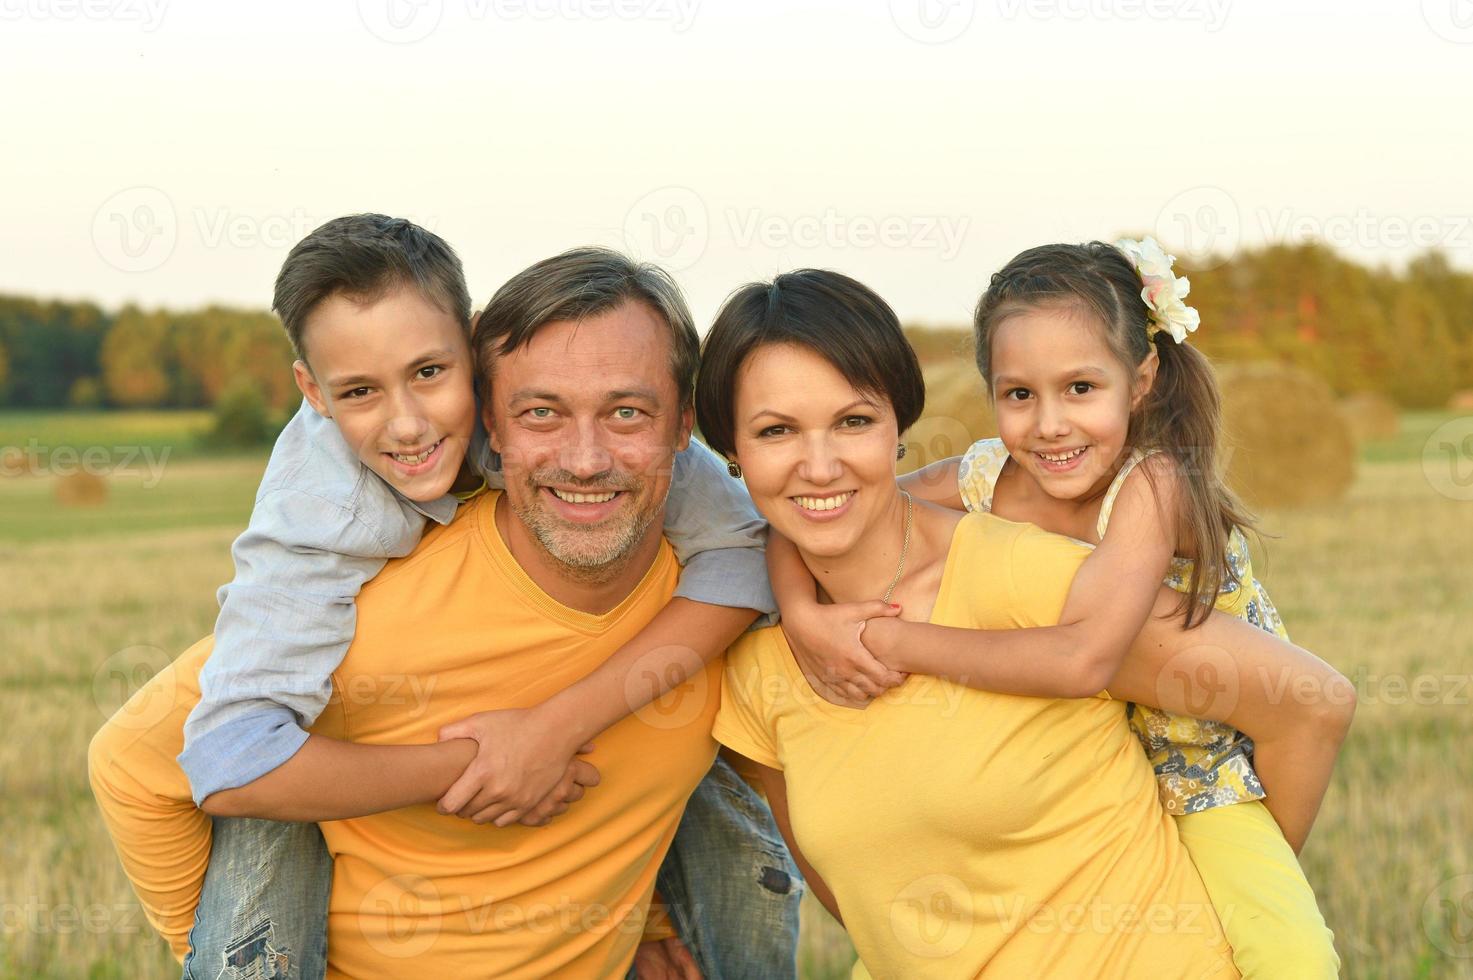 glückliche Familie im Weizenfeld foto